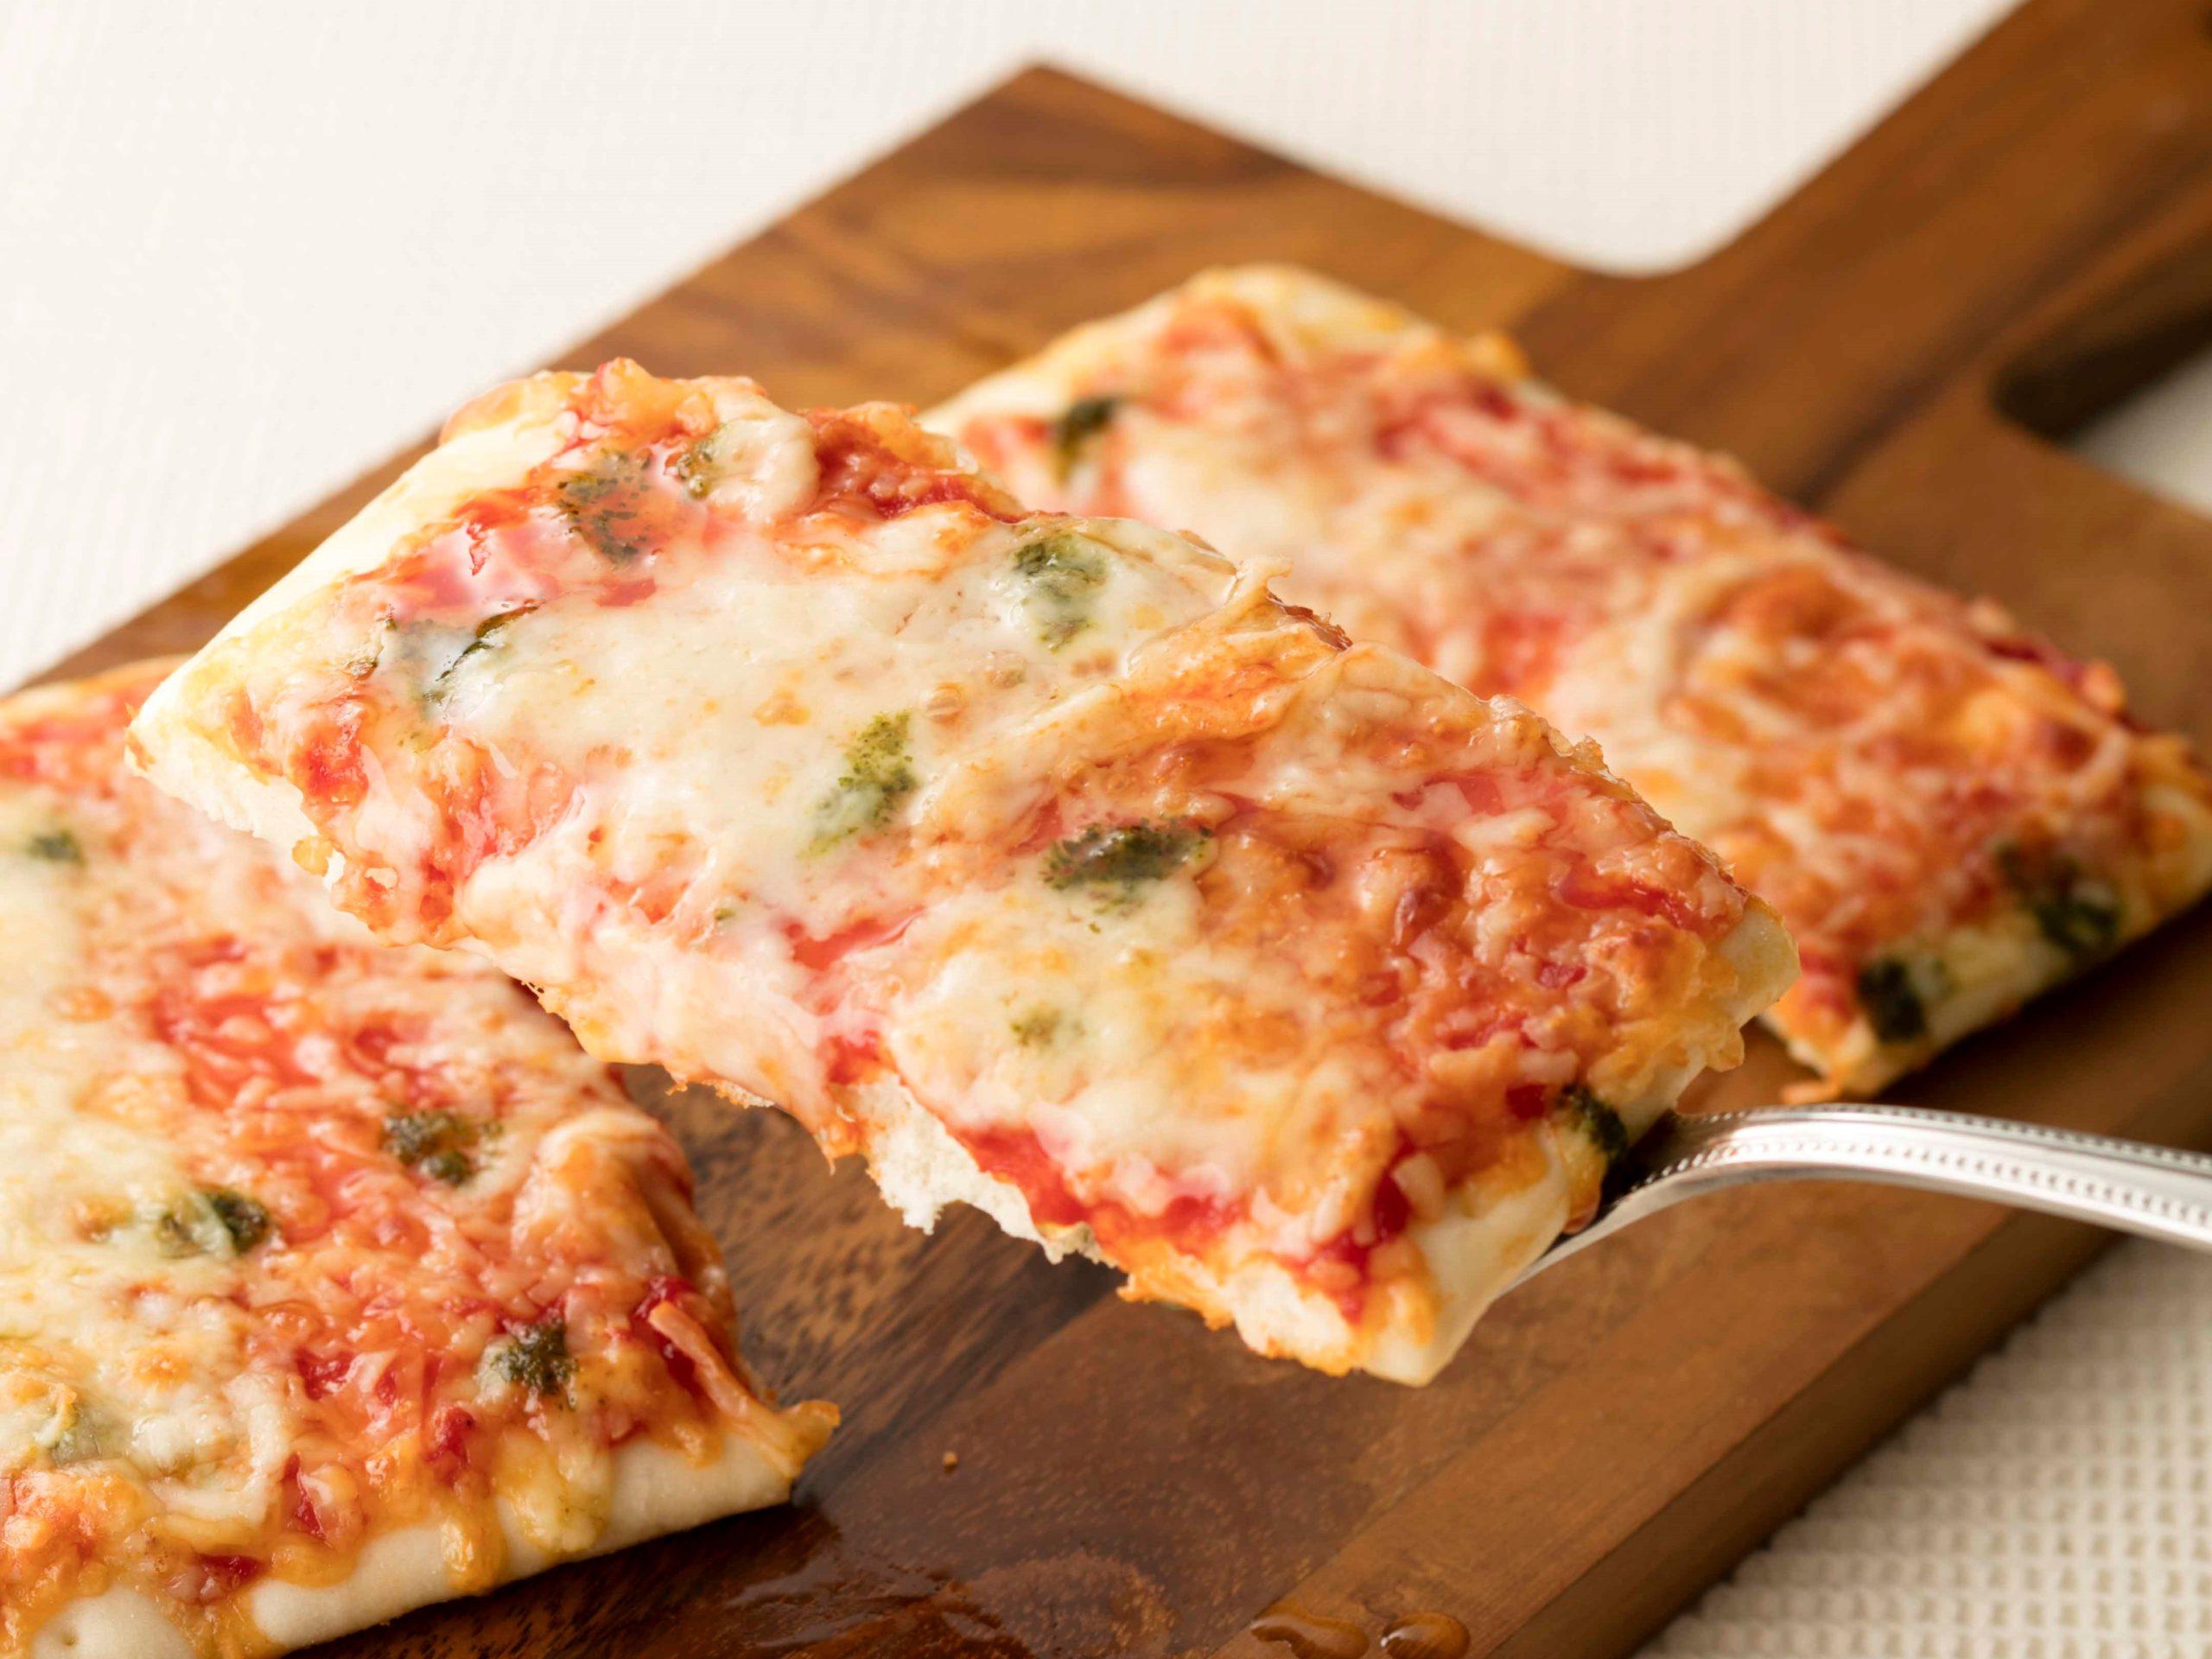 オーブンでそのまま焼けるピザ_マルゲリータ_画像